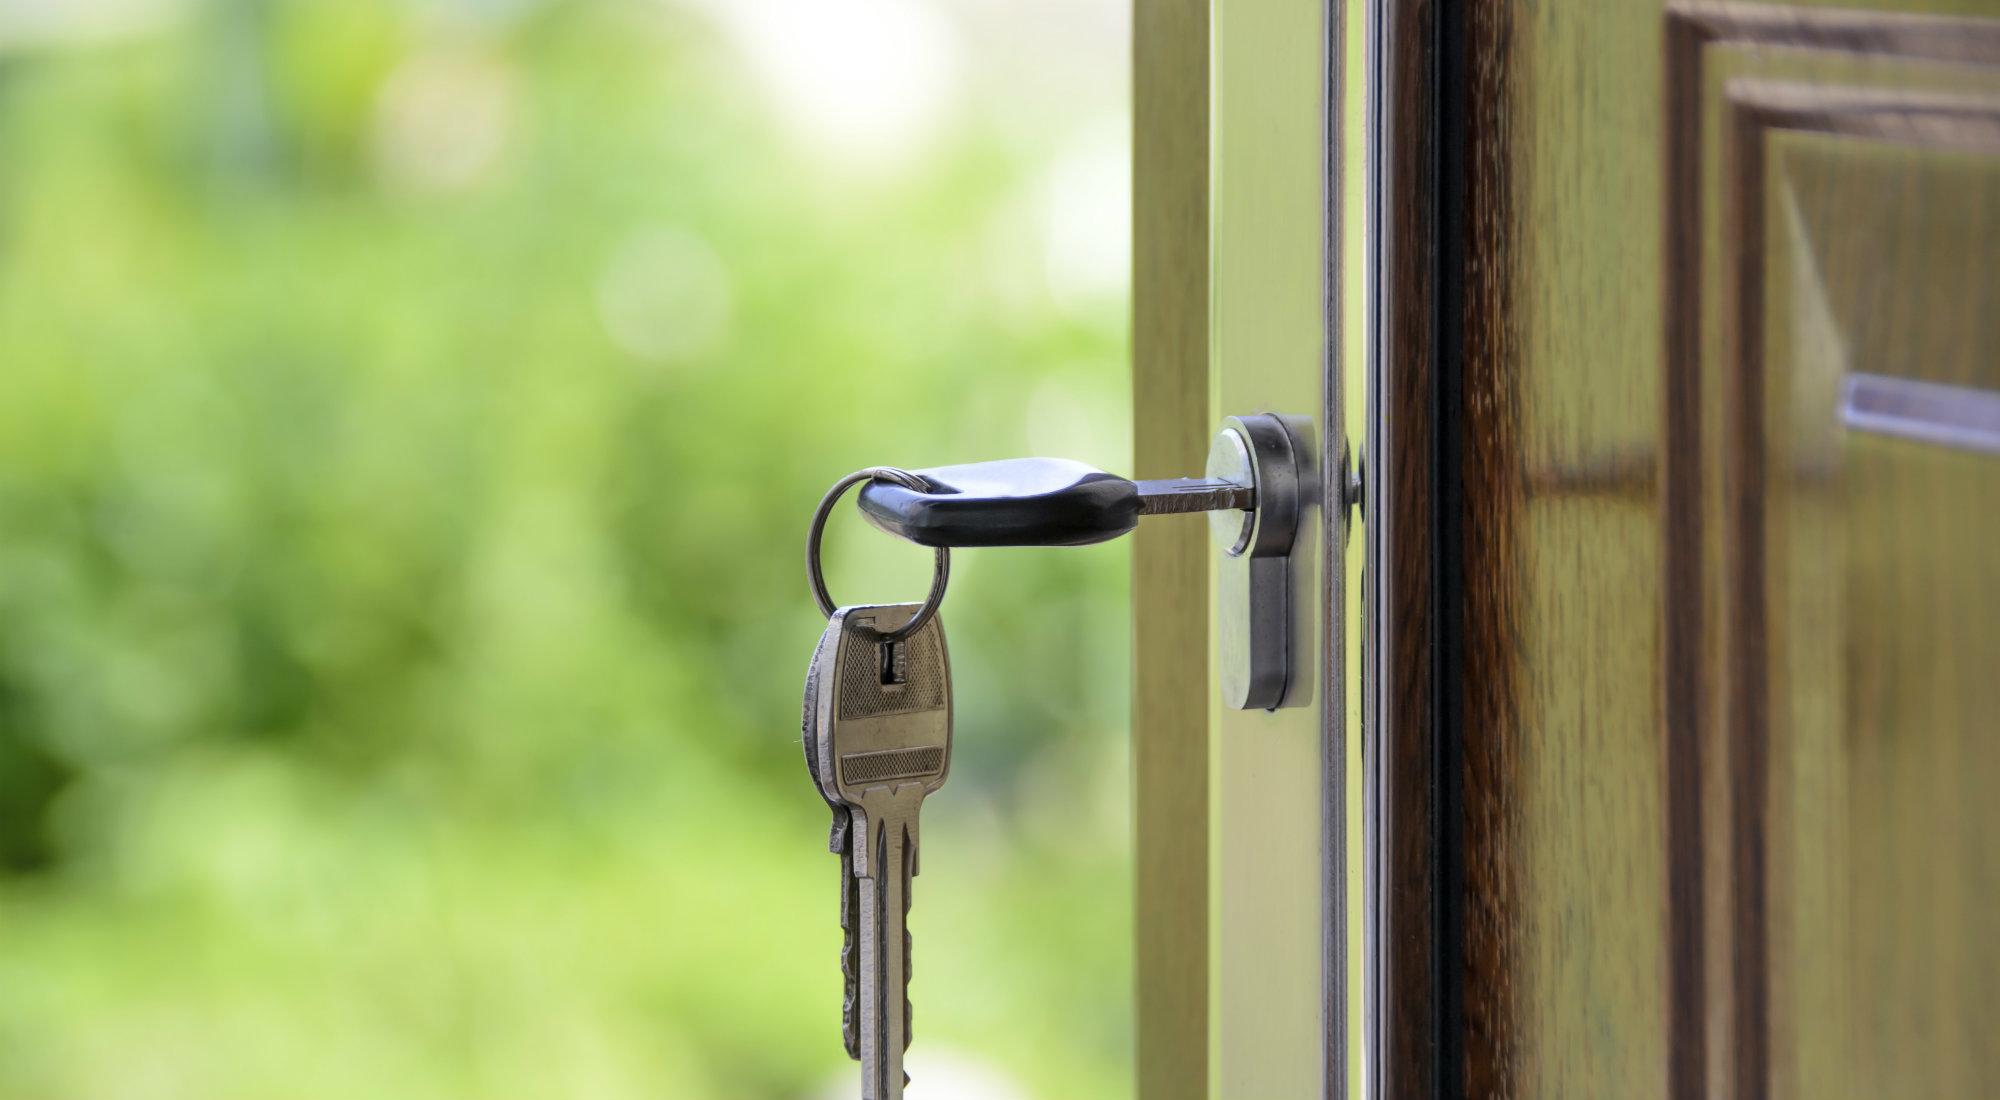 Hoe Werkt Airbnb : Beveiligingstips voor zorgeloze airbnb verhuur bnbmanager